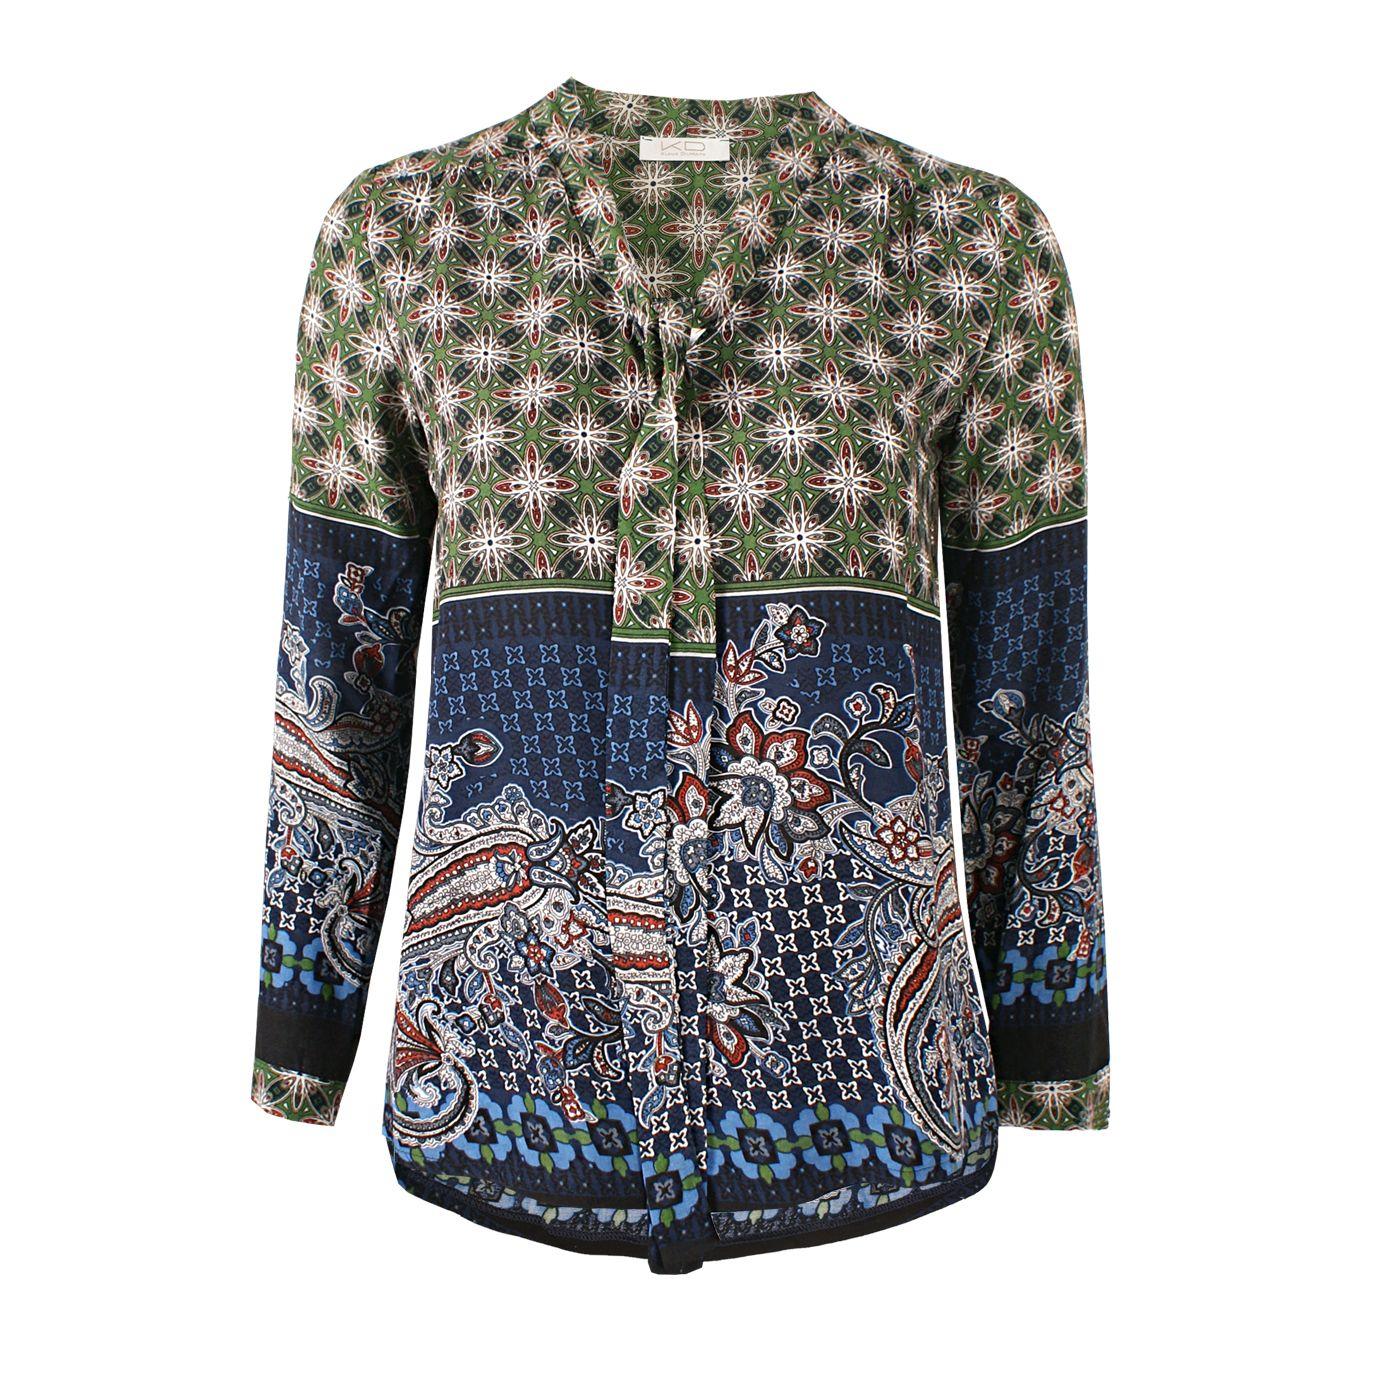 Antonia Shirt Original von KD Klaus Dilkrath #kdklausdilkrath #kd #dilkrath #kd12 #outfit